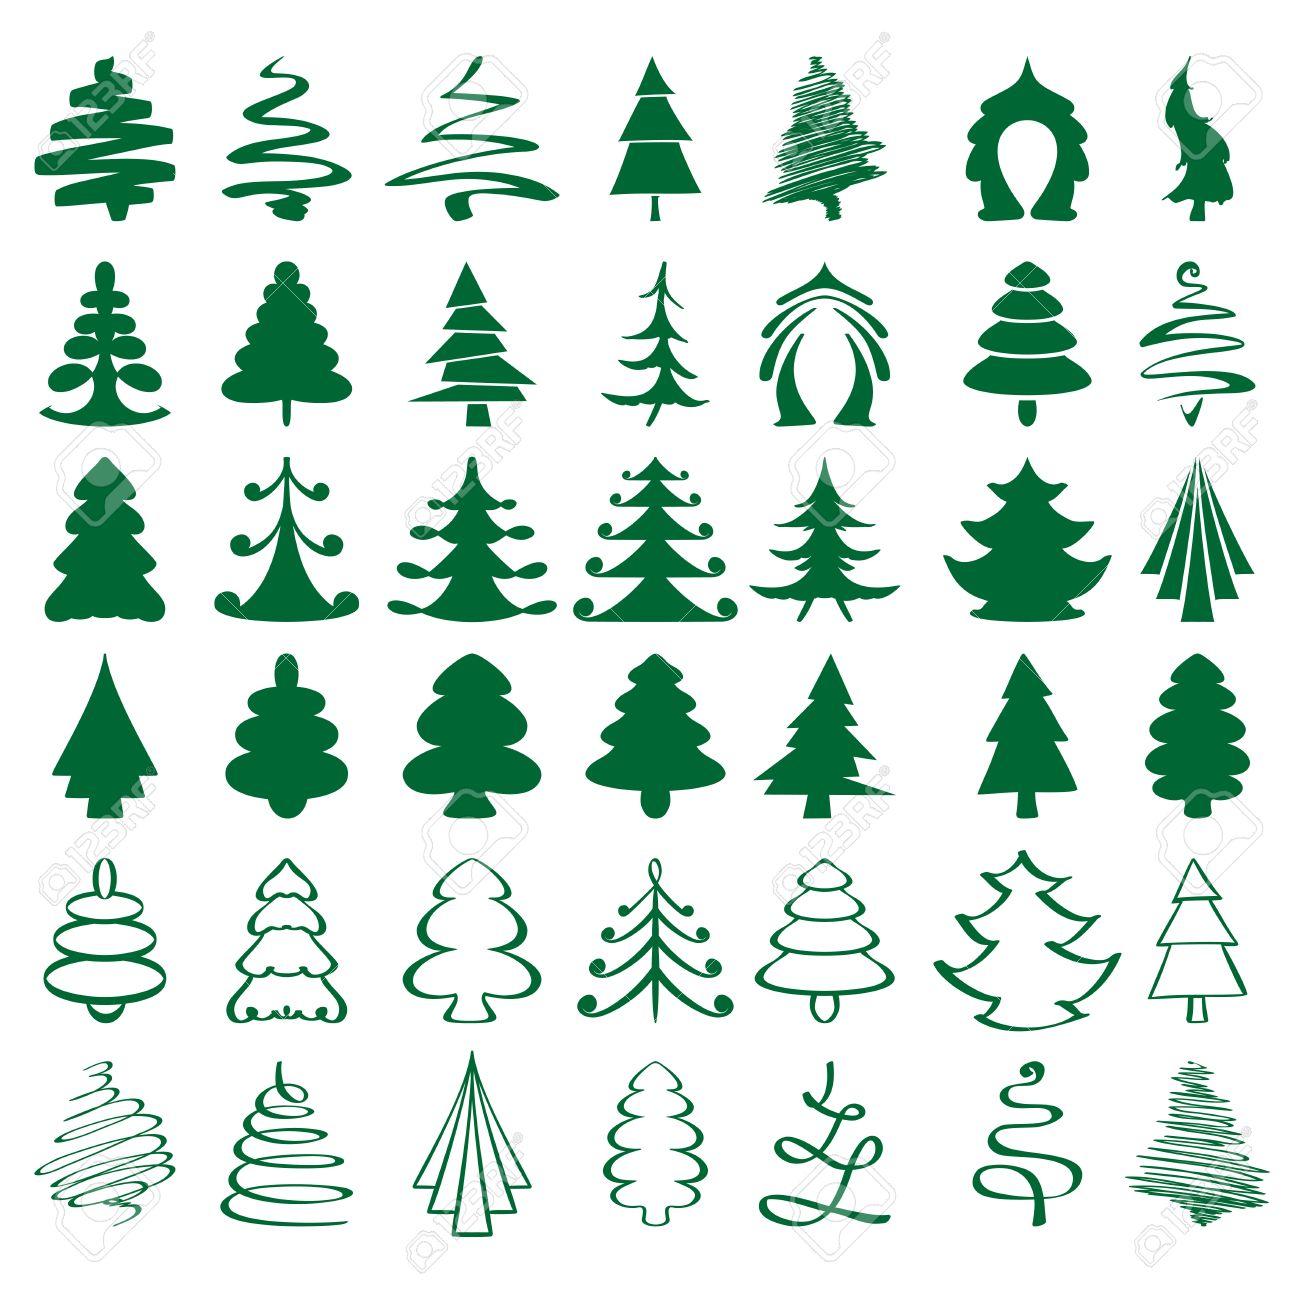 rboles de navidad boceto coleccin ilustracin vectorial de dibujos animados foto de archivo